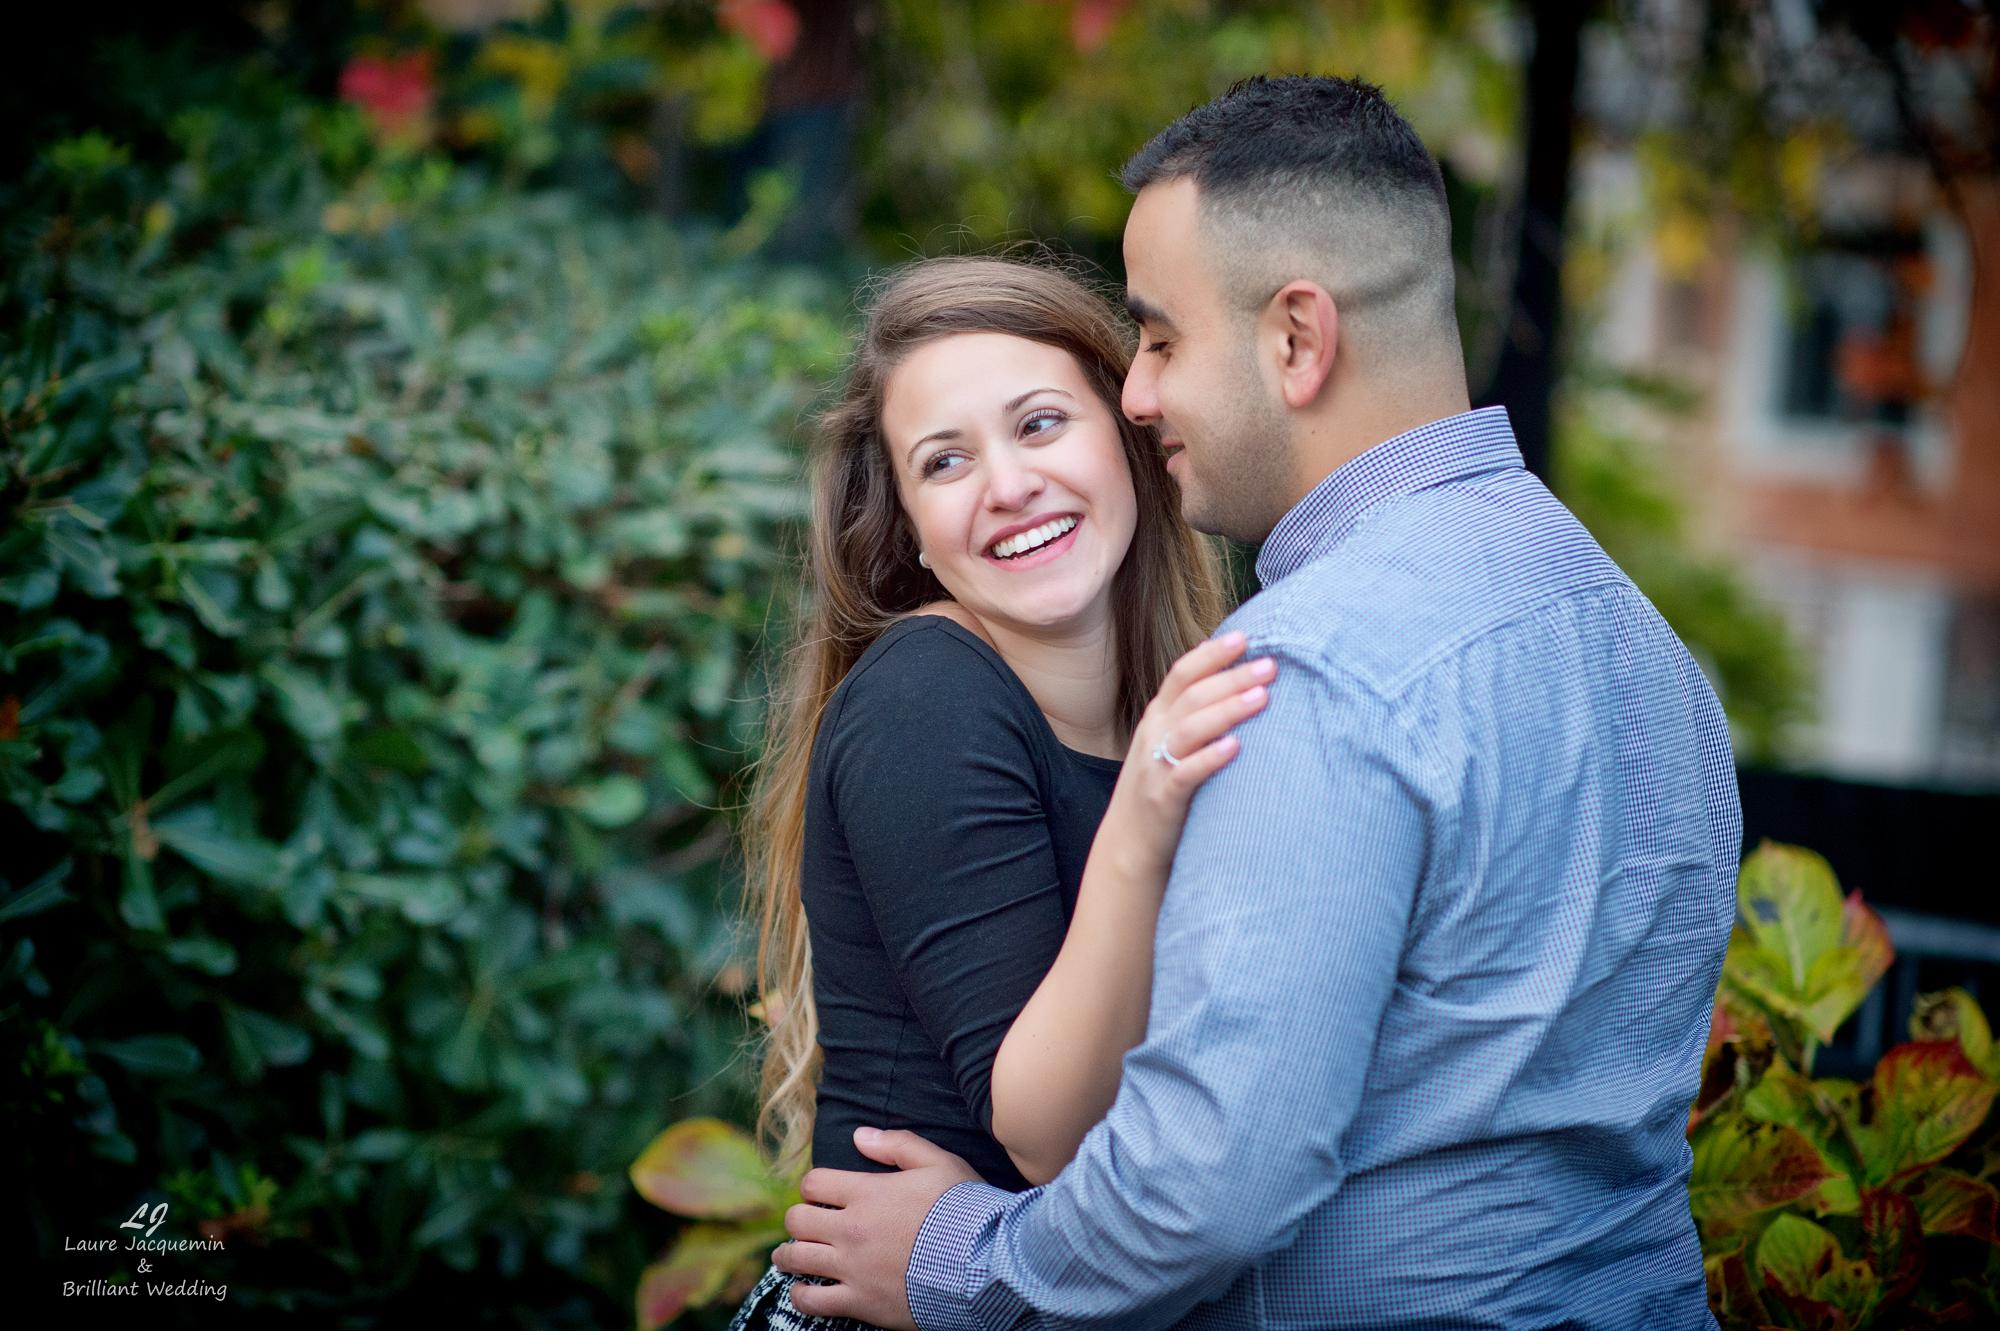 Mariage Venise Photographe fiancailles demande en mariage laure jacquemin   (29)